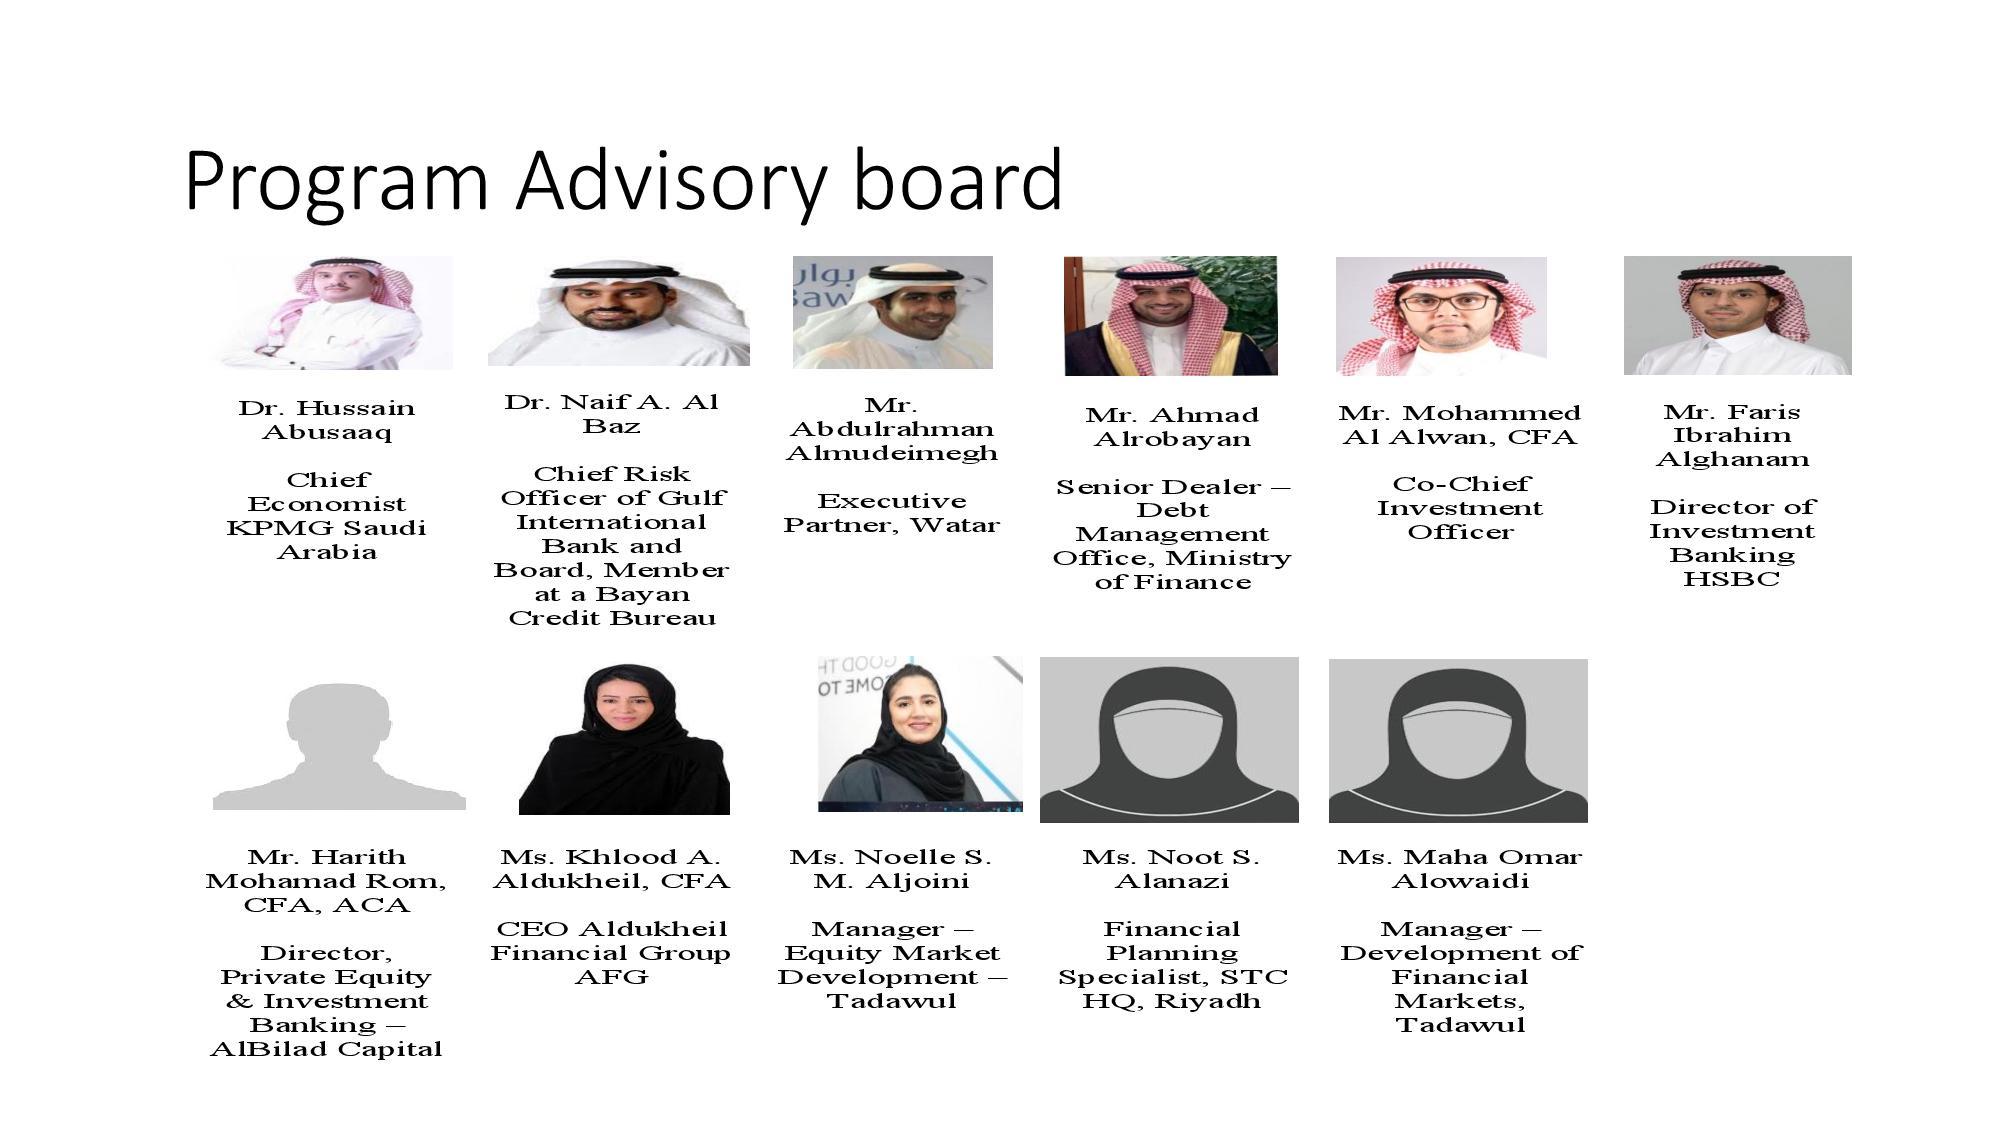 الاجتماع الثاني للمجلس الاستشاري لقسم الماليه